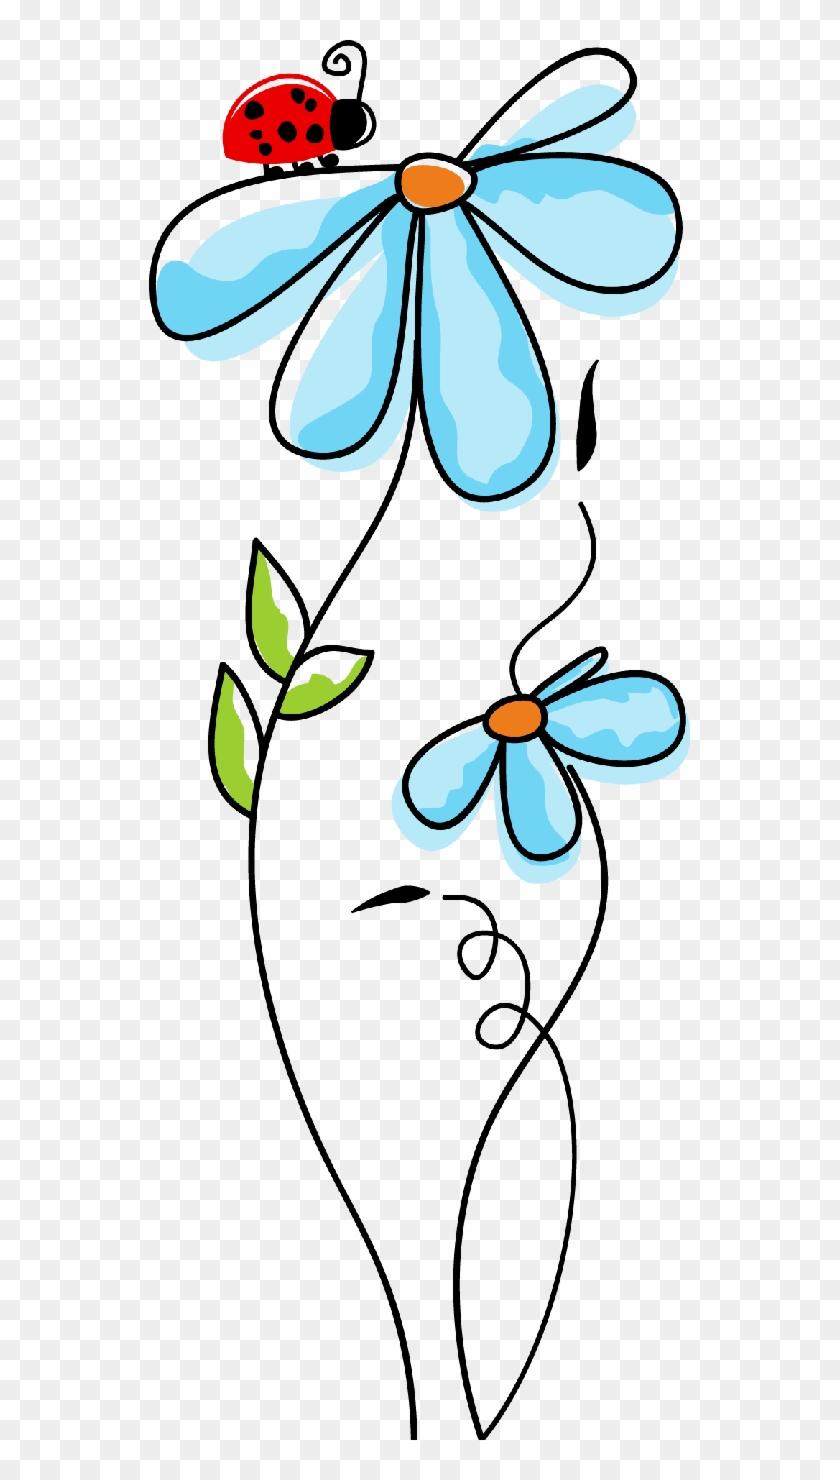 Flores Ilustraciones En Png Para Artesanía Y Diseños - Dibujos Bonitos De Flores A Color #324388